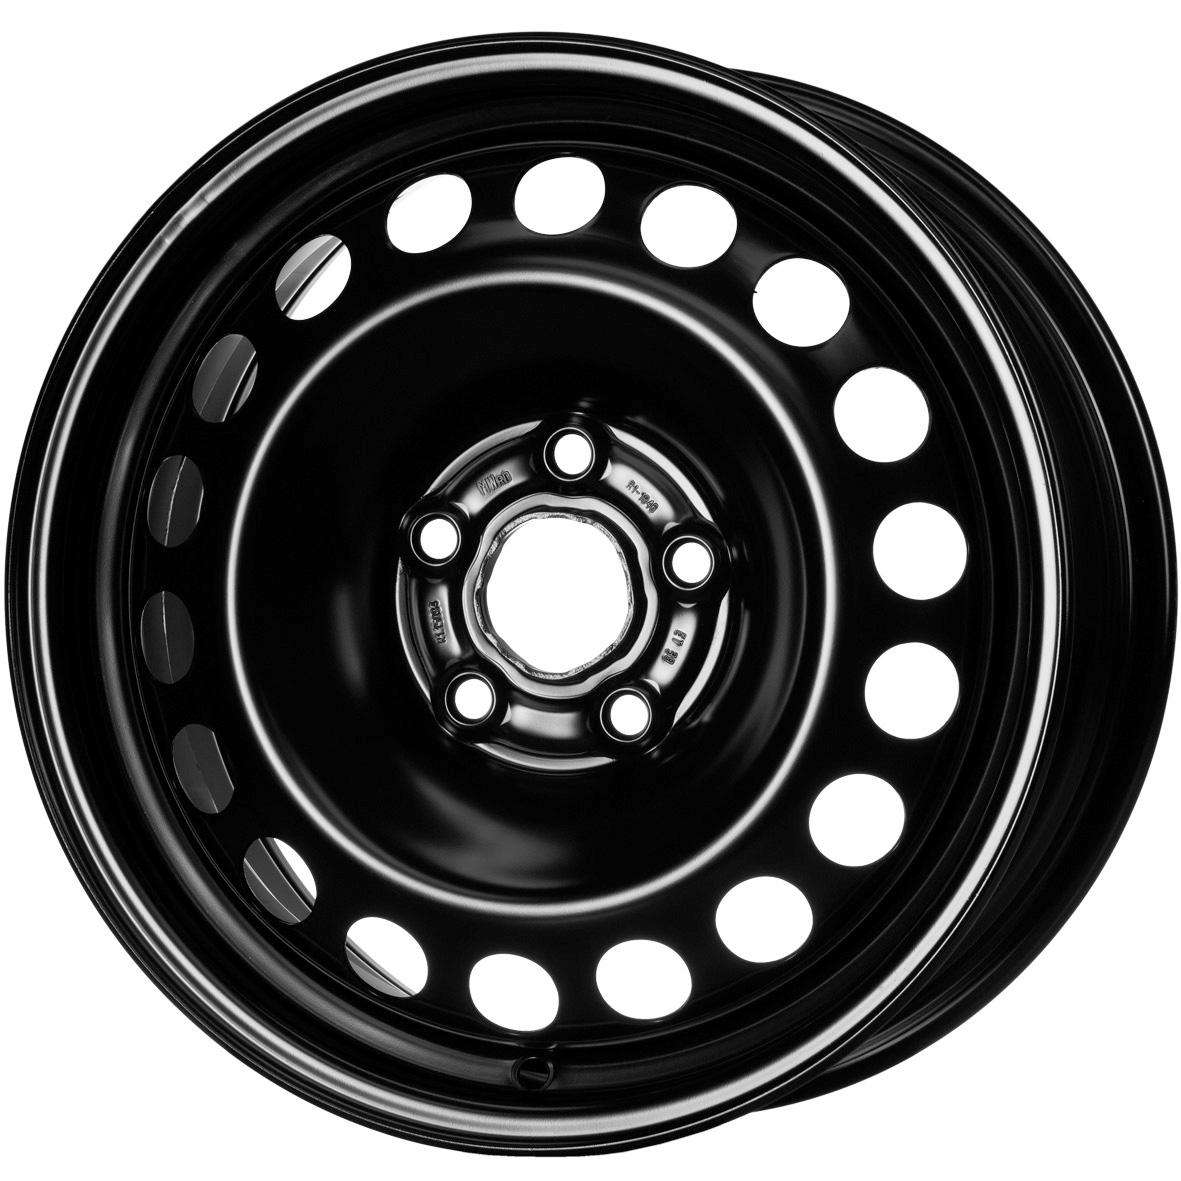 Vorschau: 15″ Stahlrad Sommer für Chevrolet Aveo Limousine 1.3 D (KL1T) Kumho VS31 195/65 R15 91H